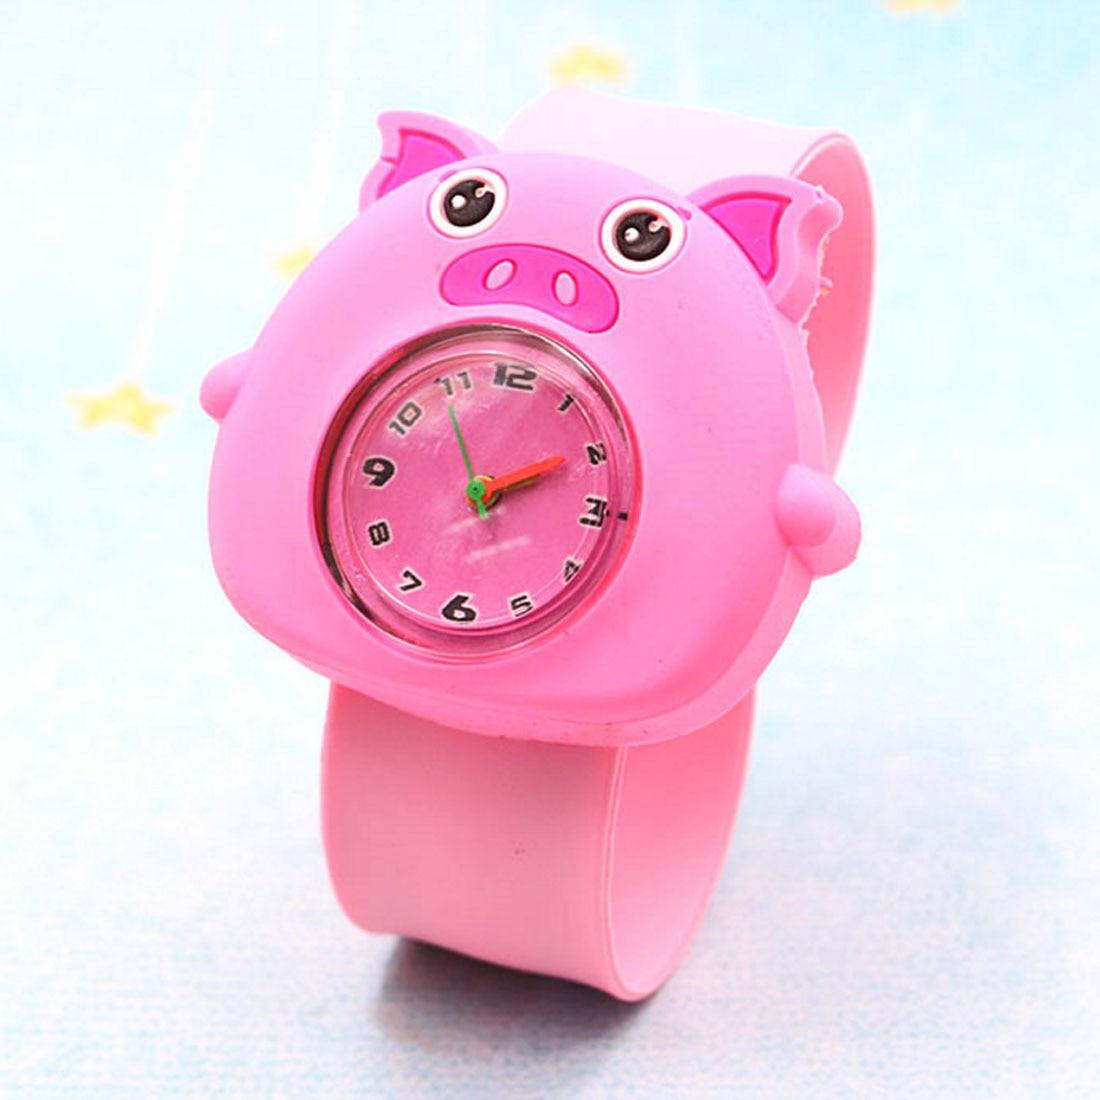 Cute Waterproof  Cartoon Silicone Children WatchChildren Toddler Wrist Watch Gift For Girl Boy Student